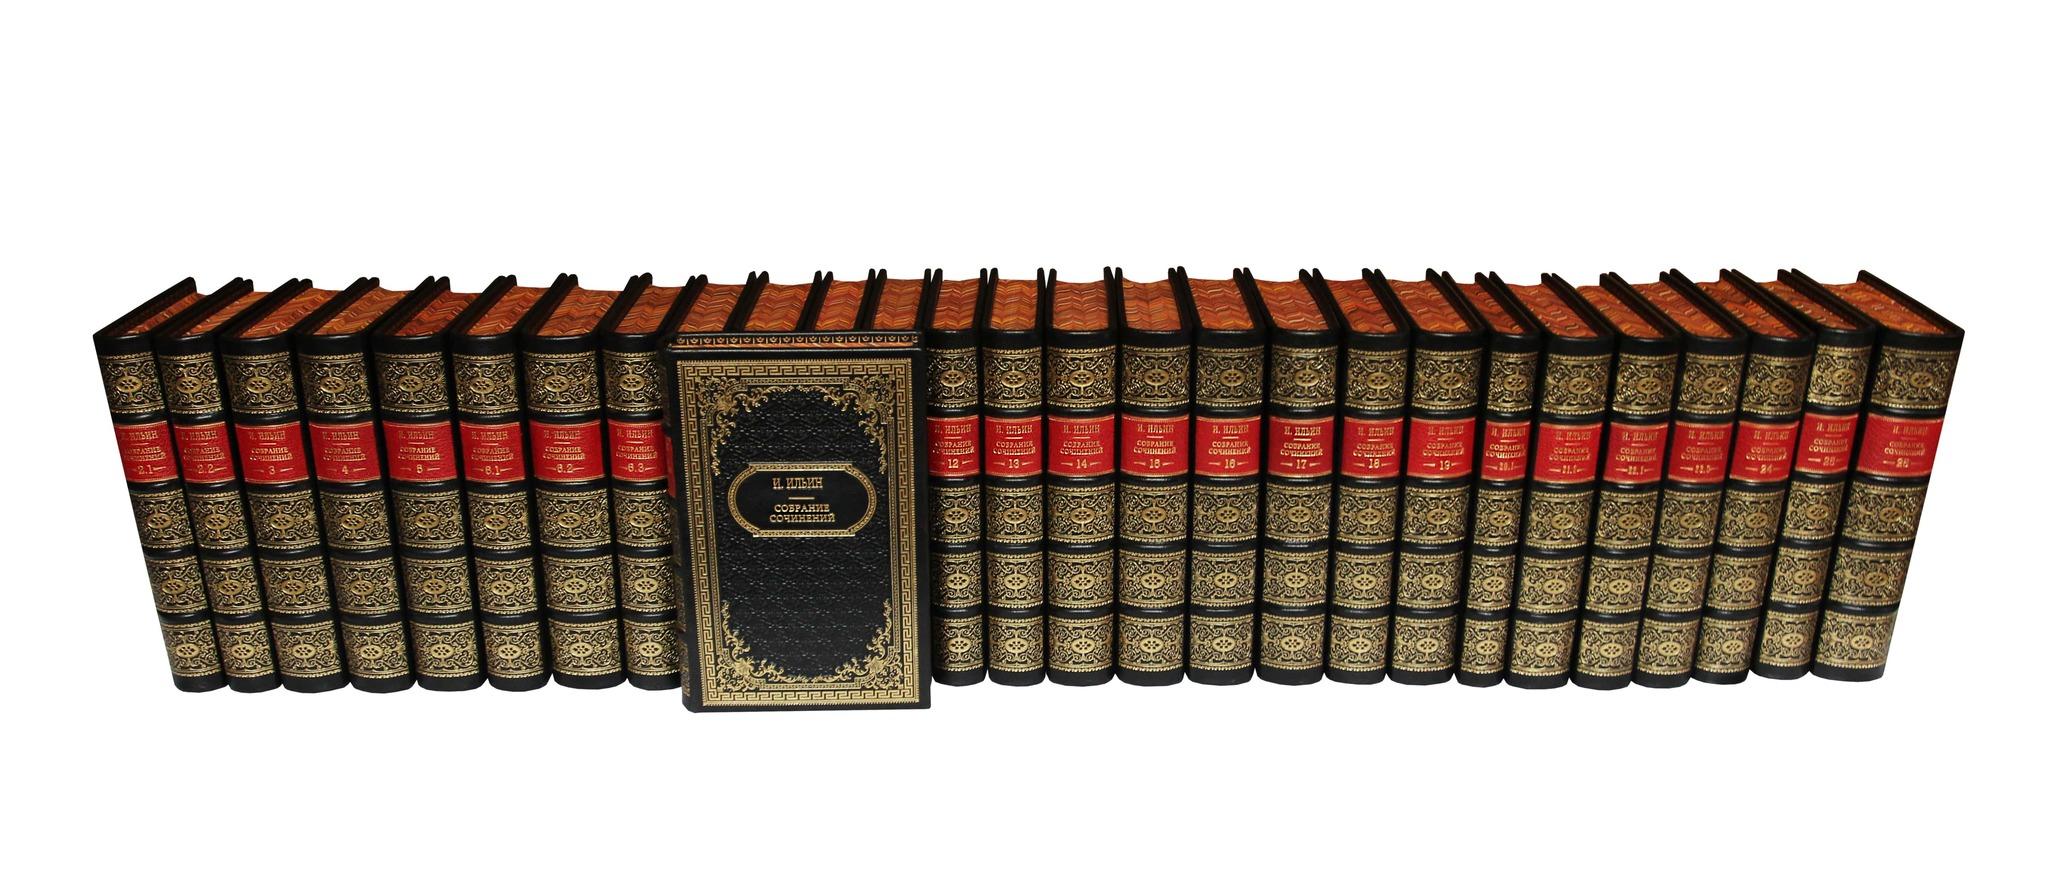 Ильин И.А. Собрание сочинений в 26 томах (в 28 книгах)